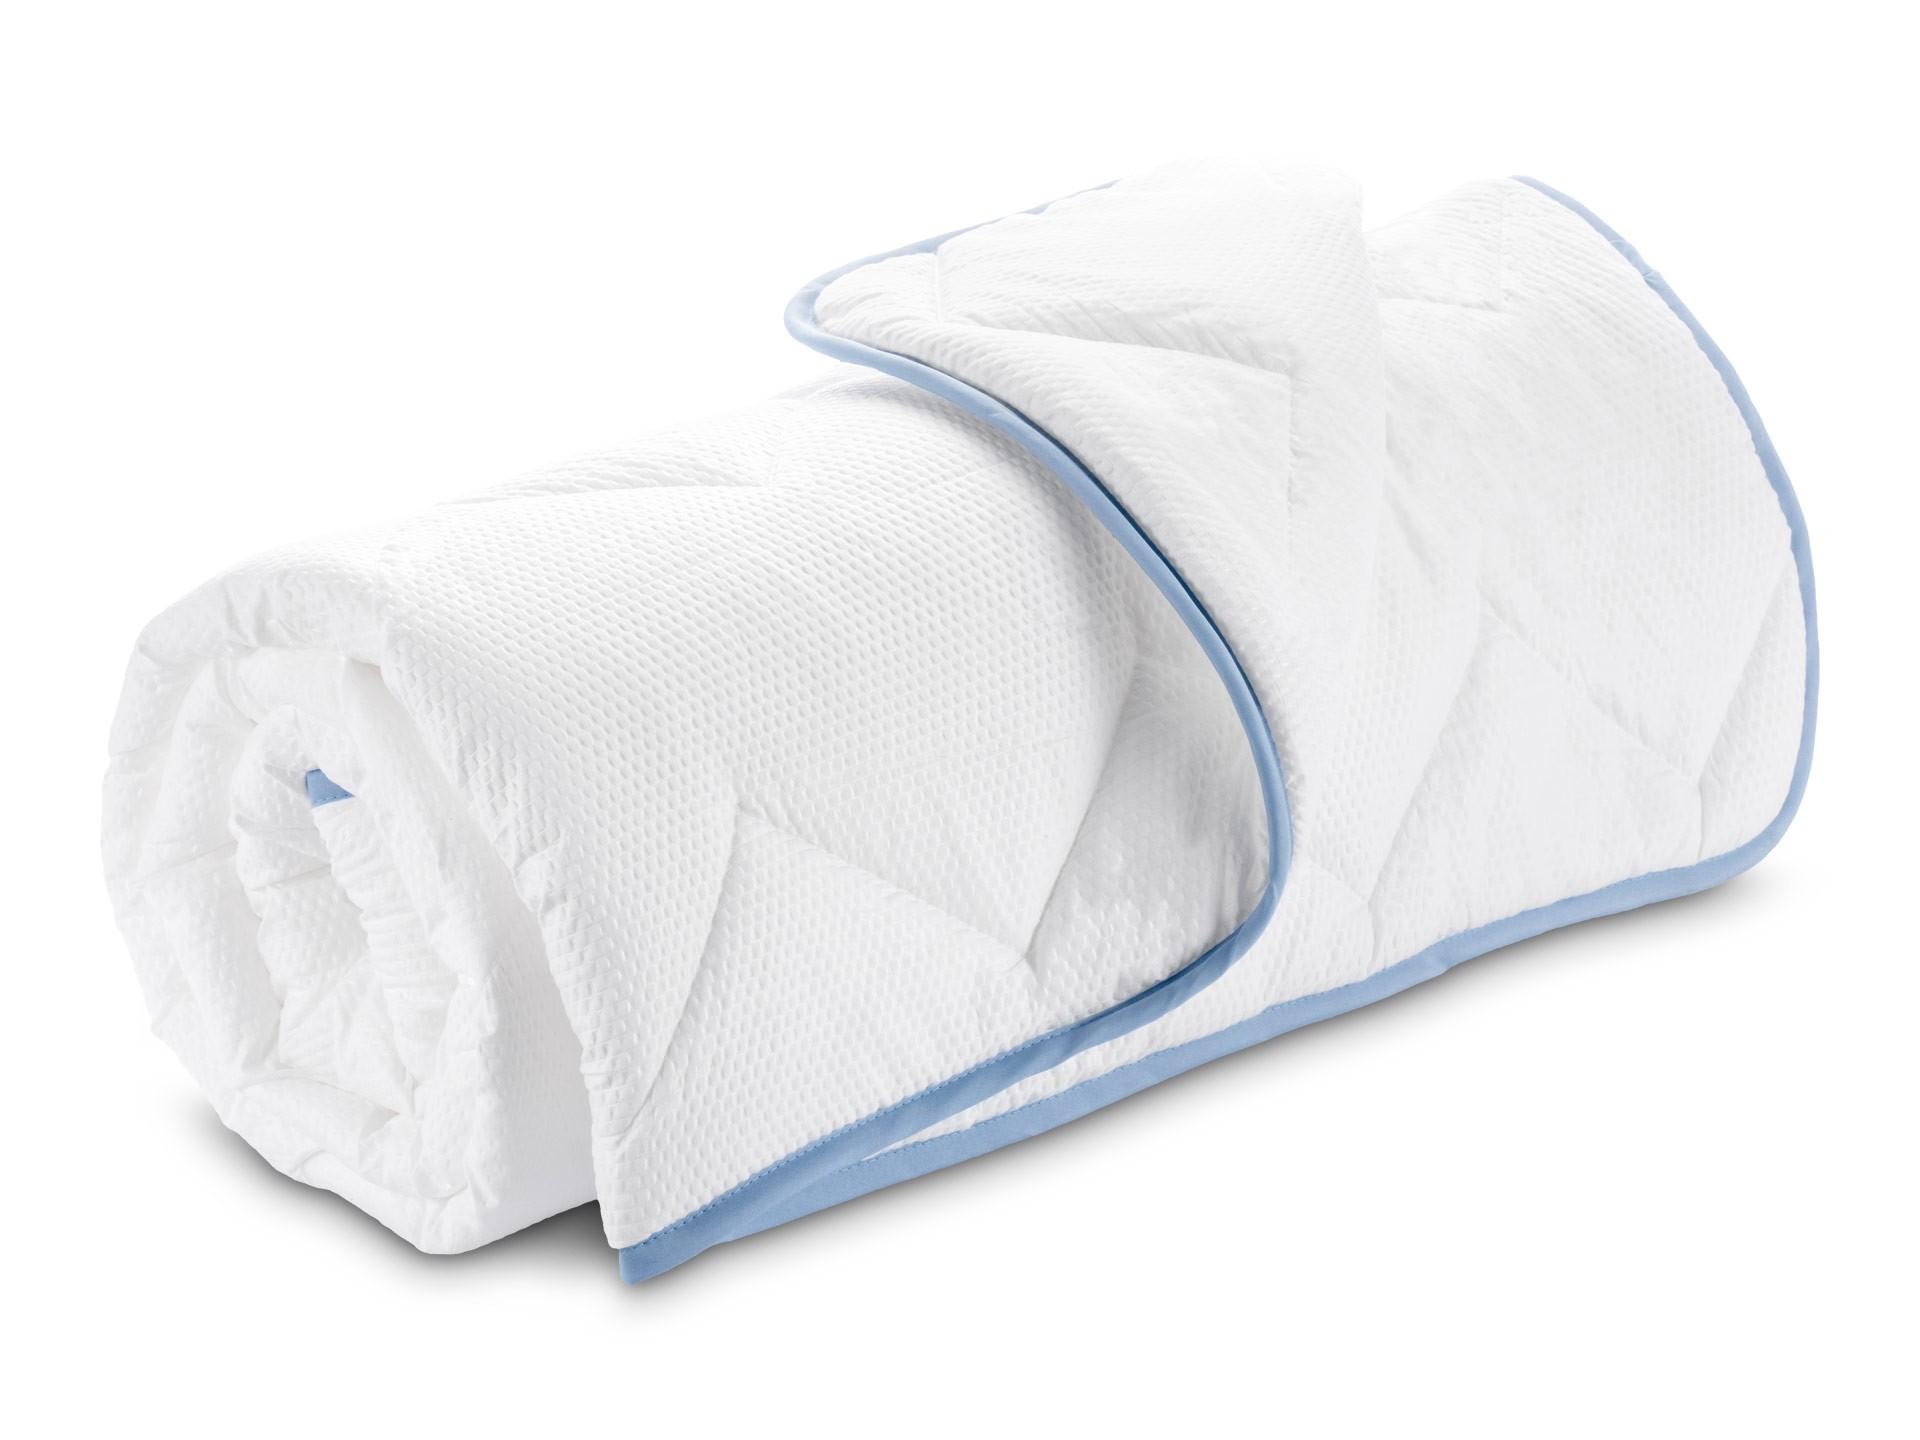 Poduszka ortopedyczna do spania Dormeo